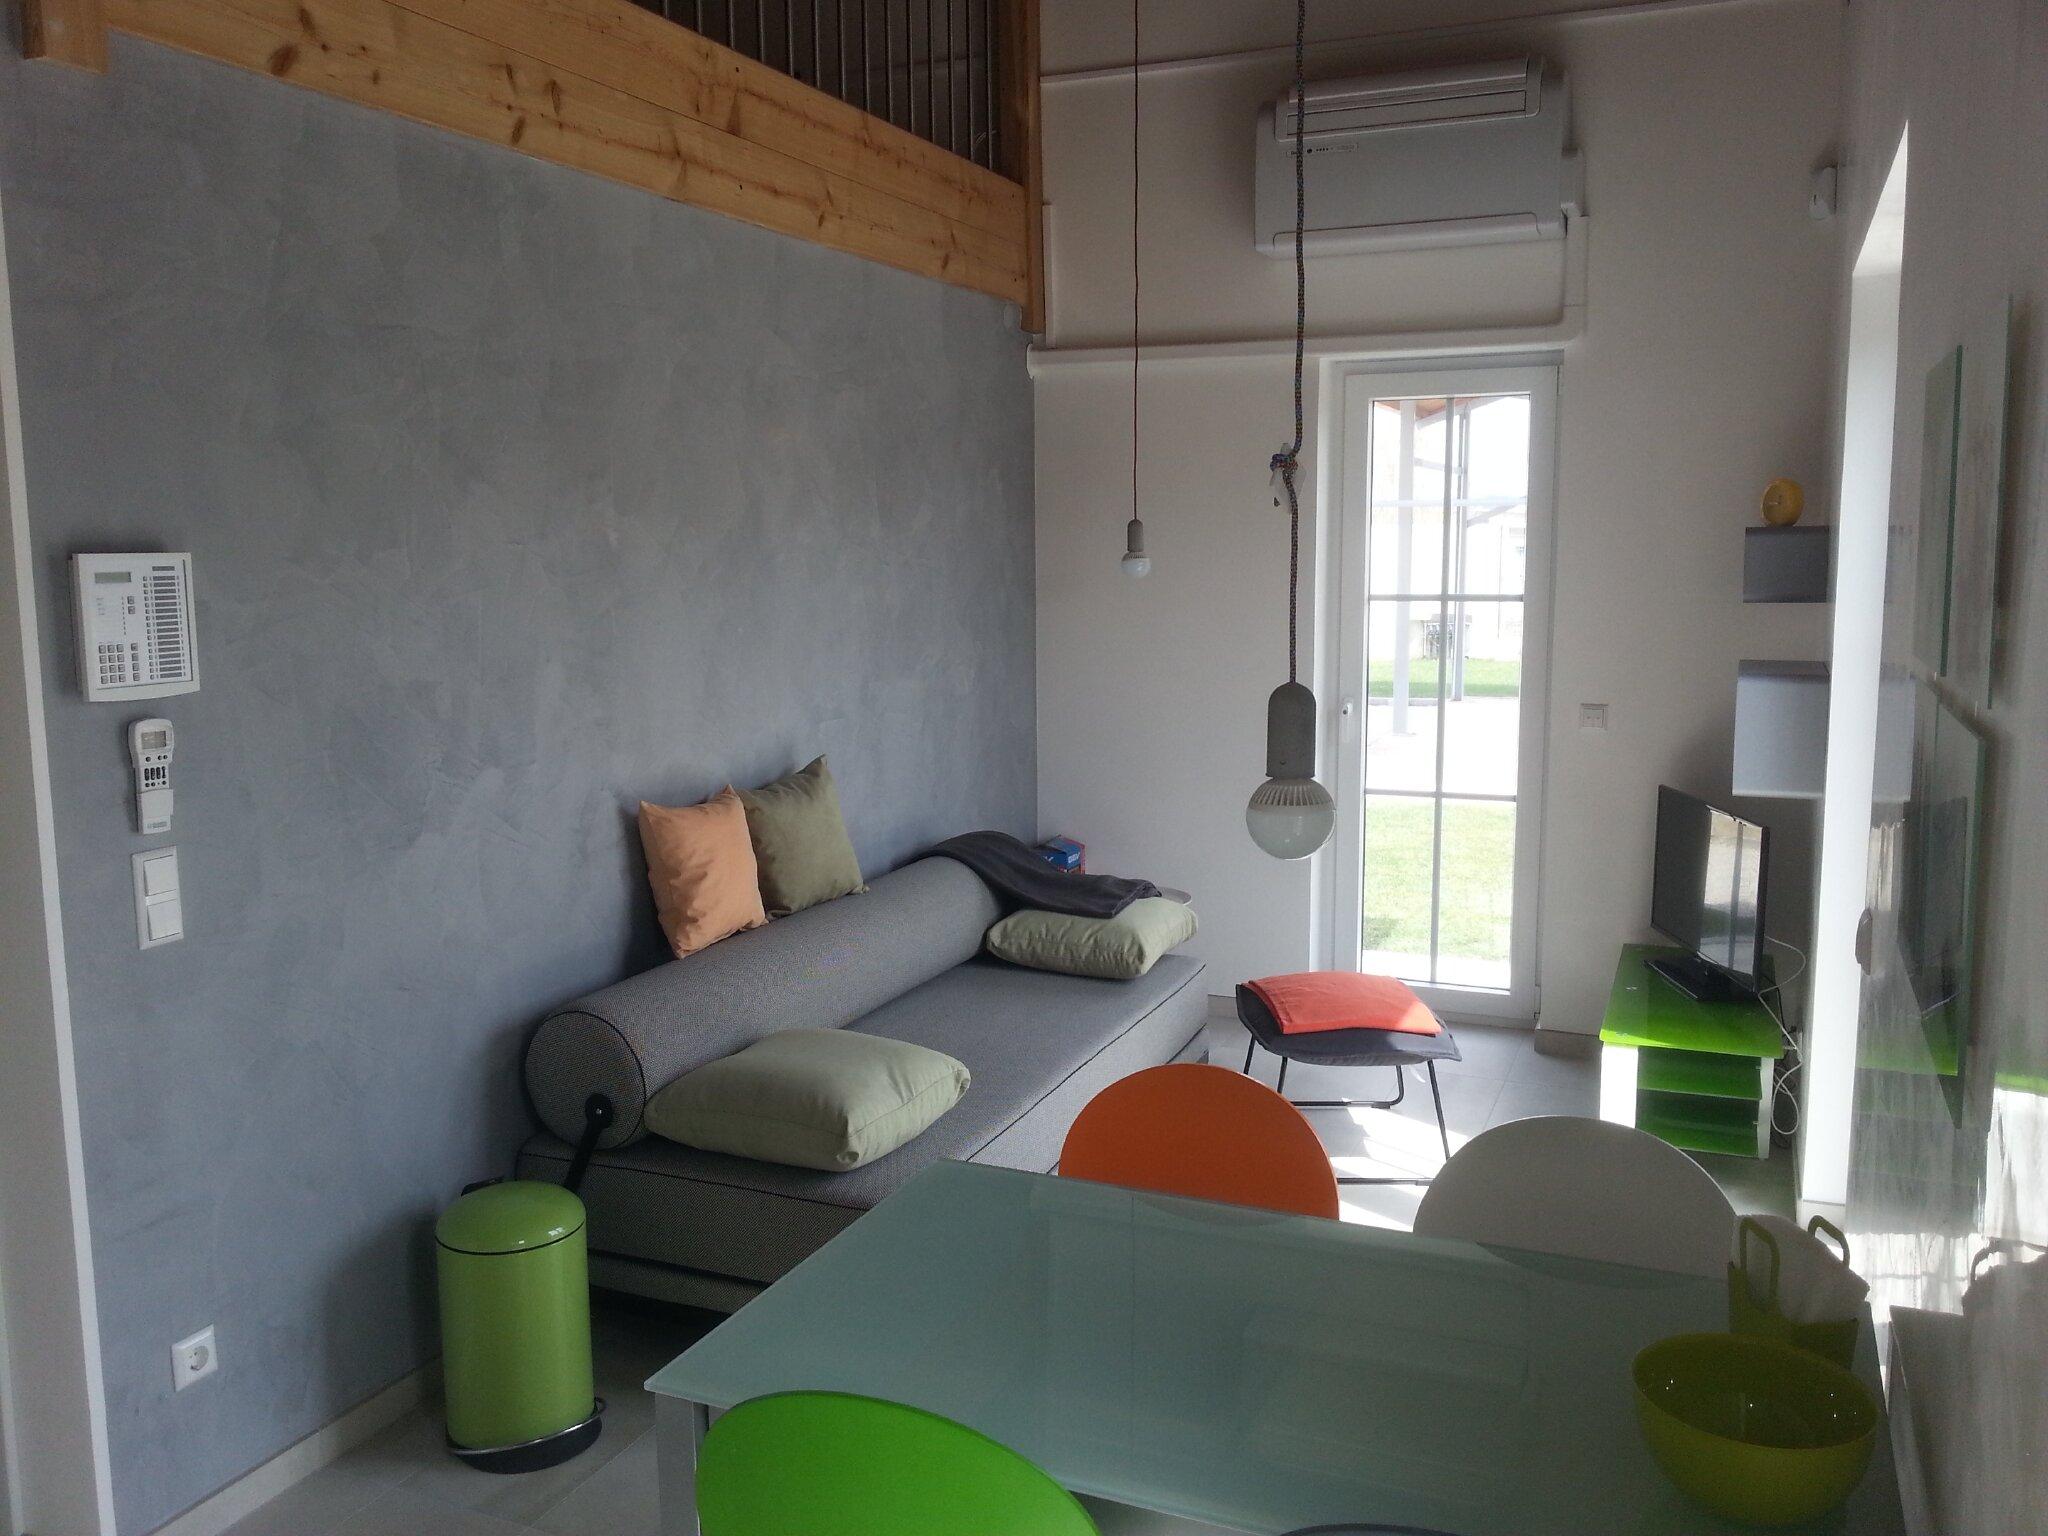 Schlafzimmer (grün)